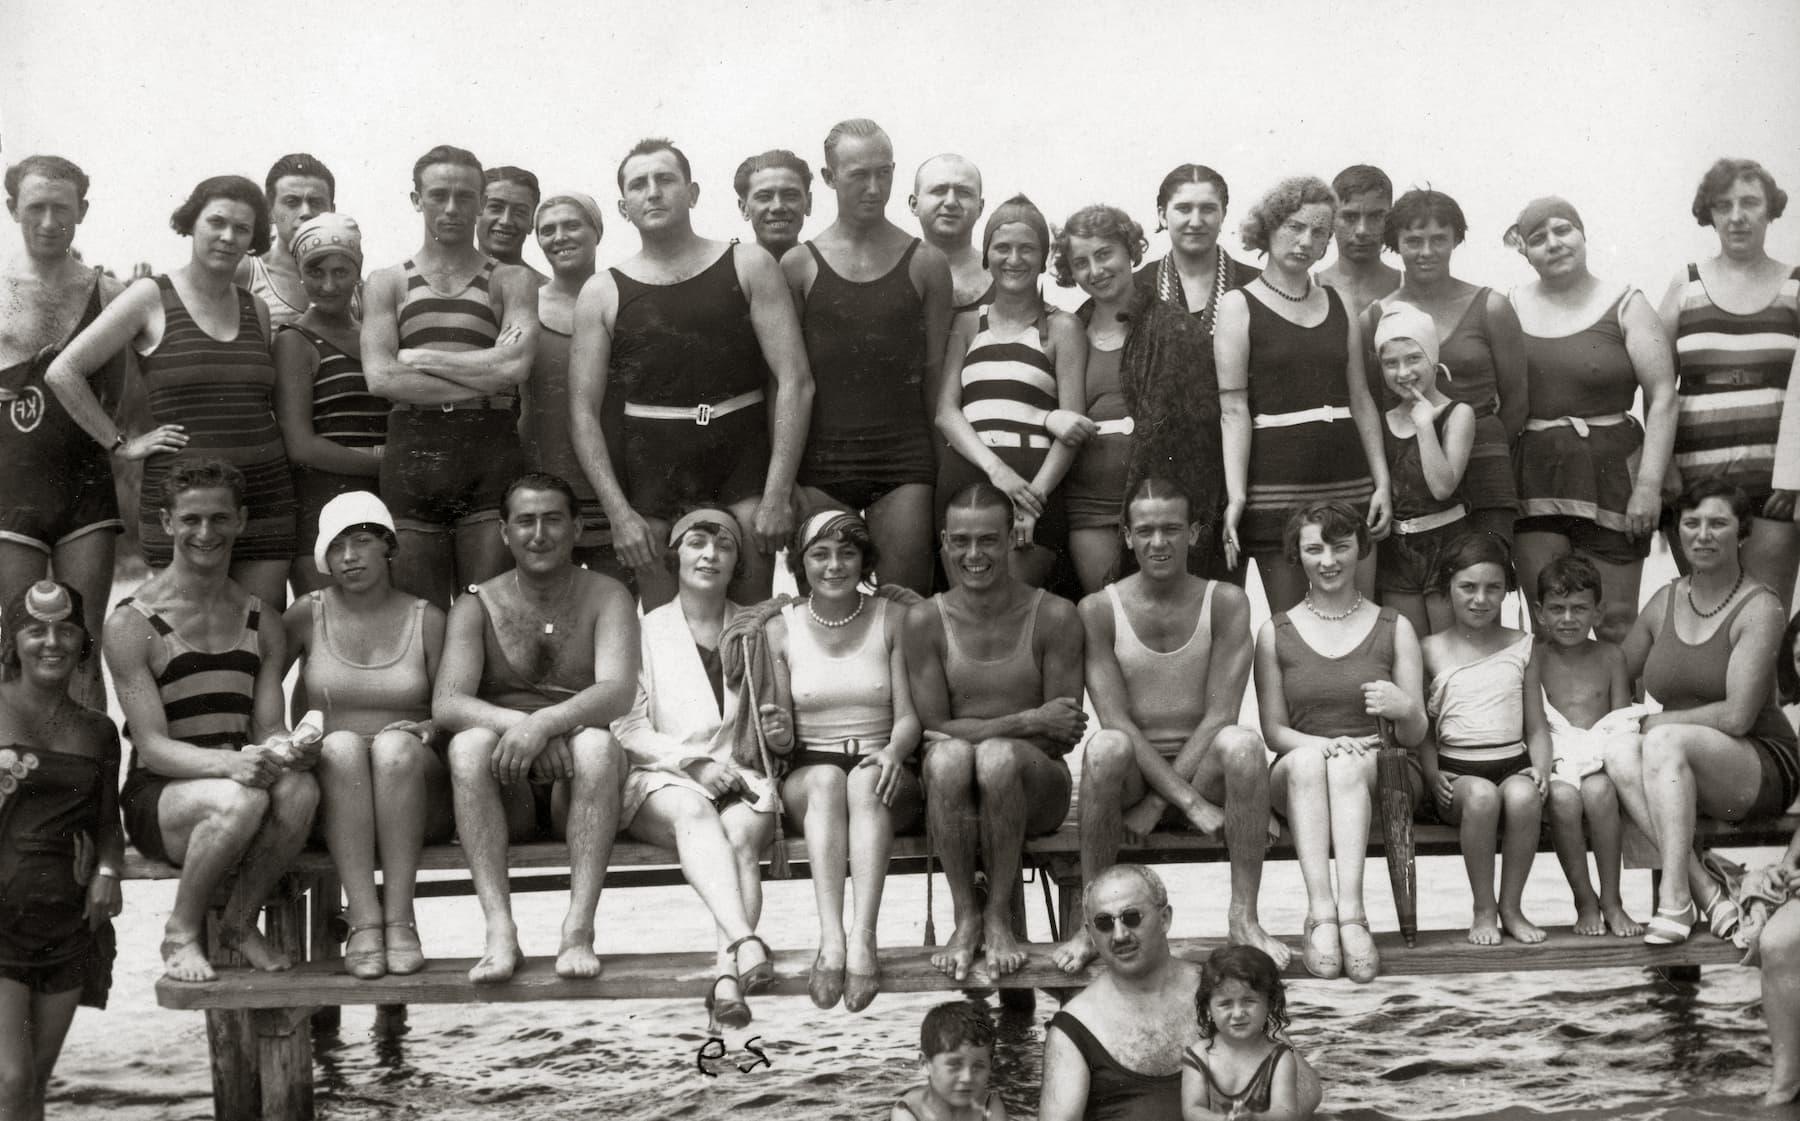 Stylizacje na plażę, moda plażowa męska, kąpielówki męskie, szorty kąpielowe męskie, lata 20 XX wieku